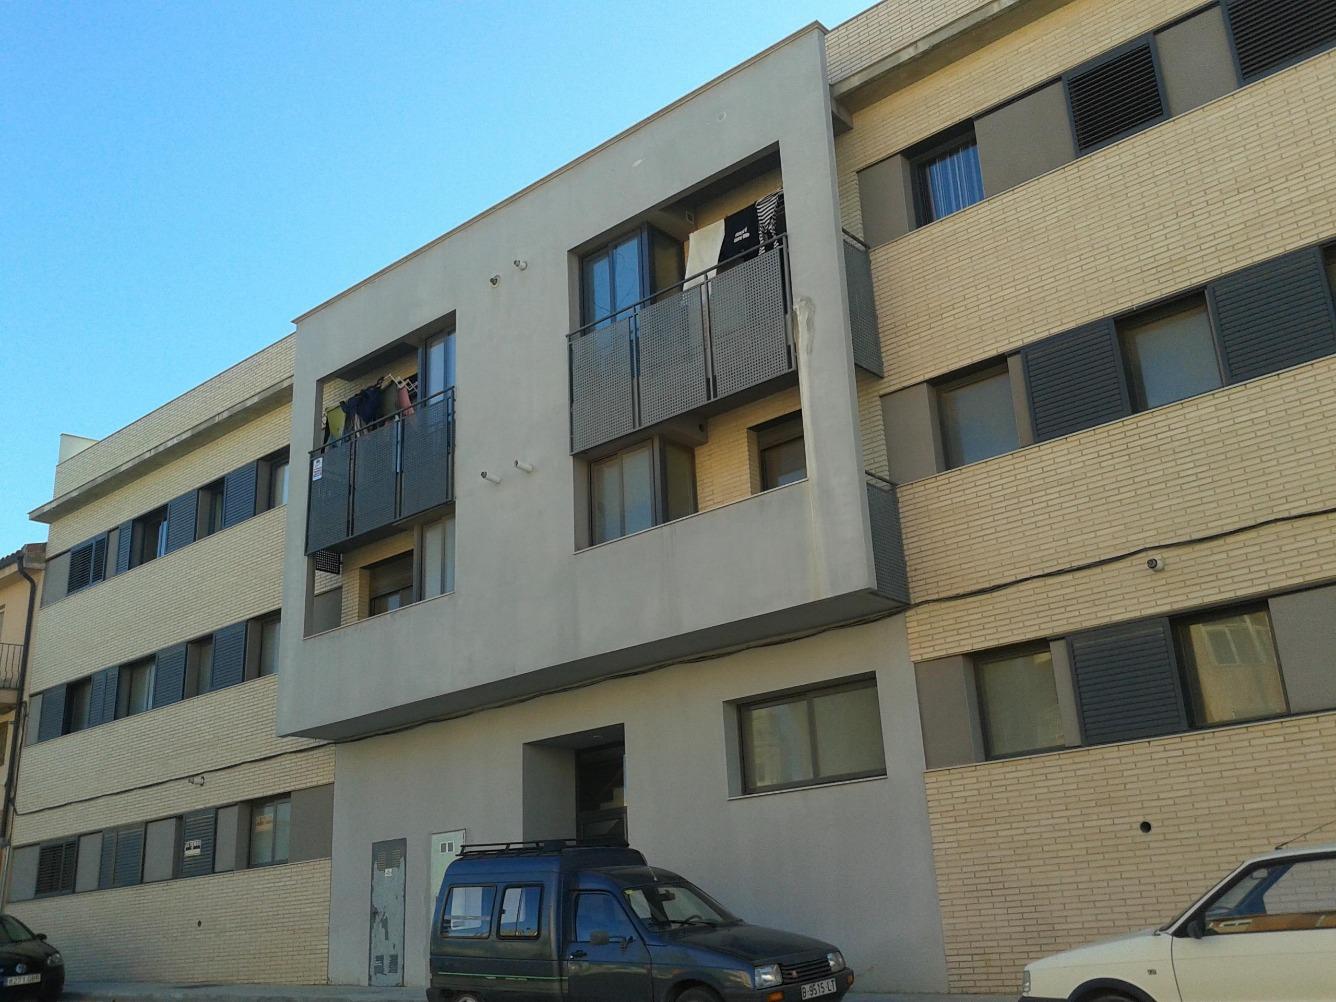 Appartamento  Carretera carretera bot. Oportunidad¡¡ vendemos piso de sociedad inmobiliaria en gandesa